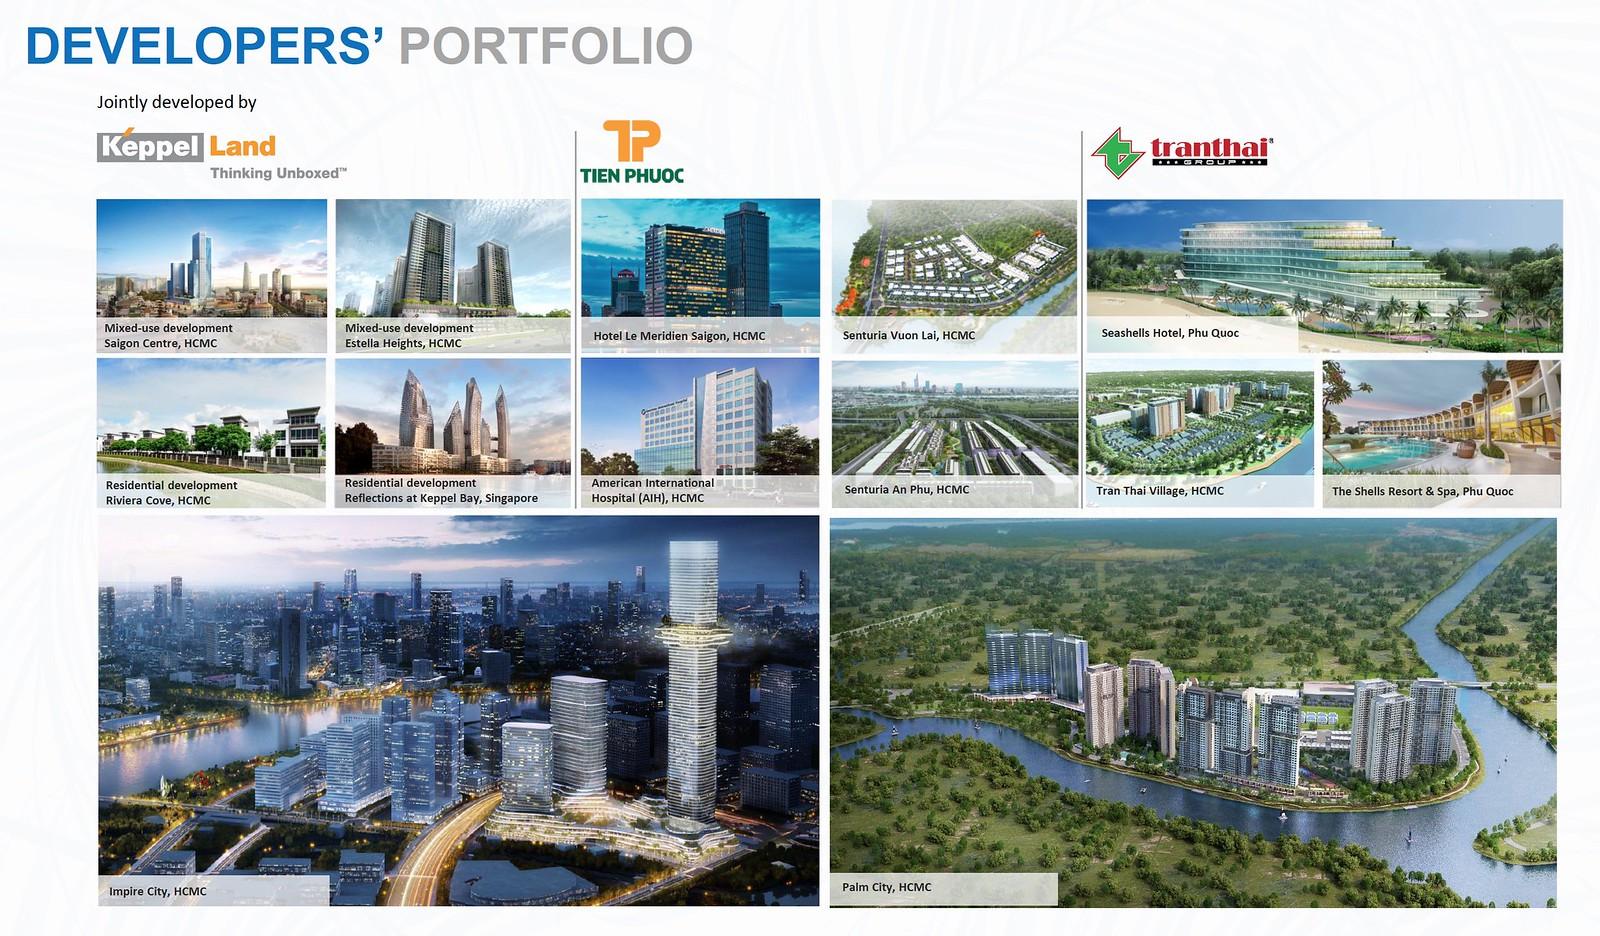 Palm Garden Quận 2 - Căn hộ Singapore Keppel Land 1